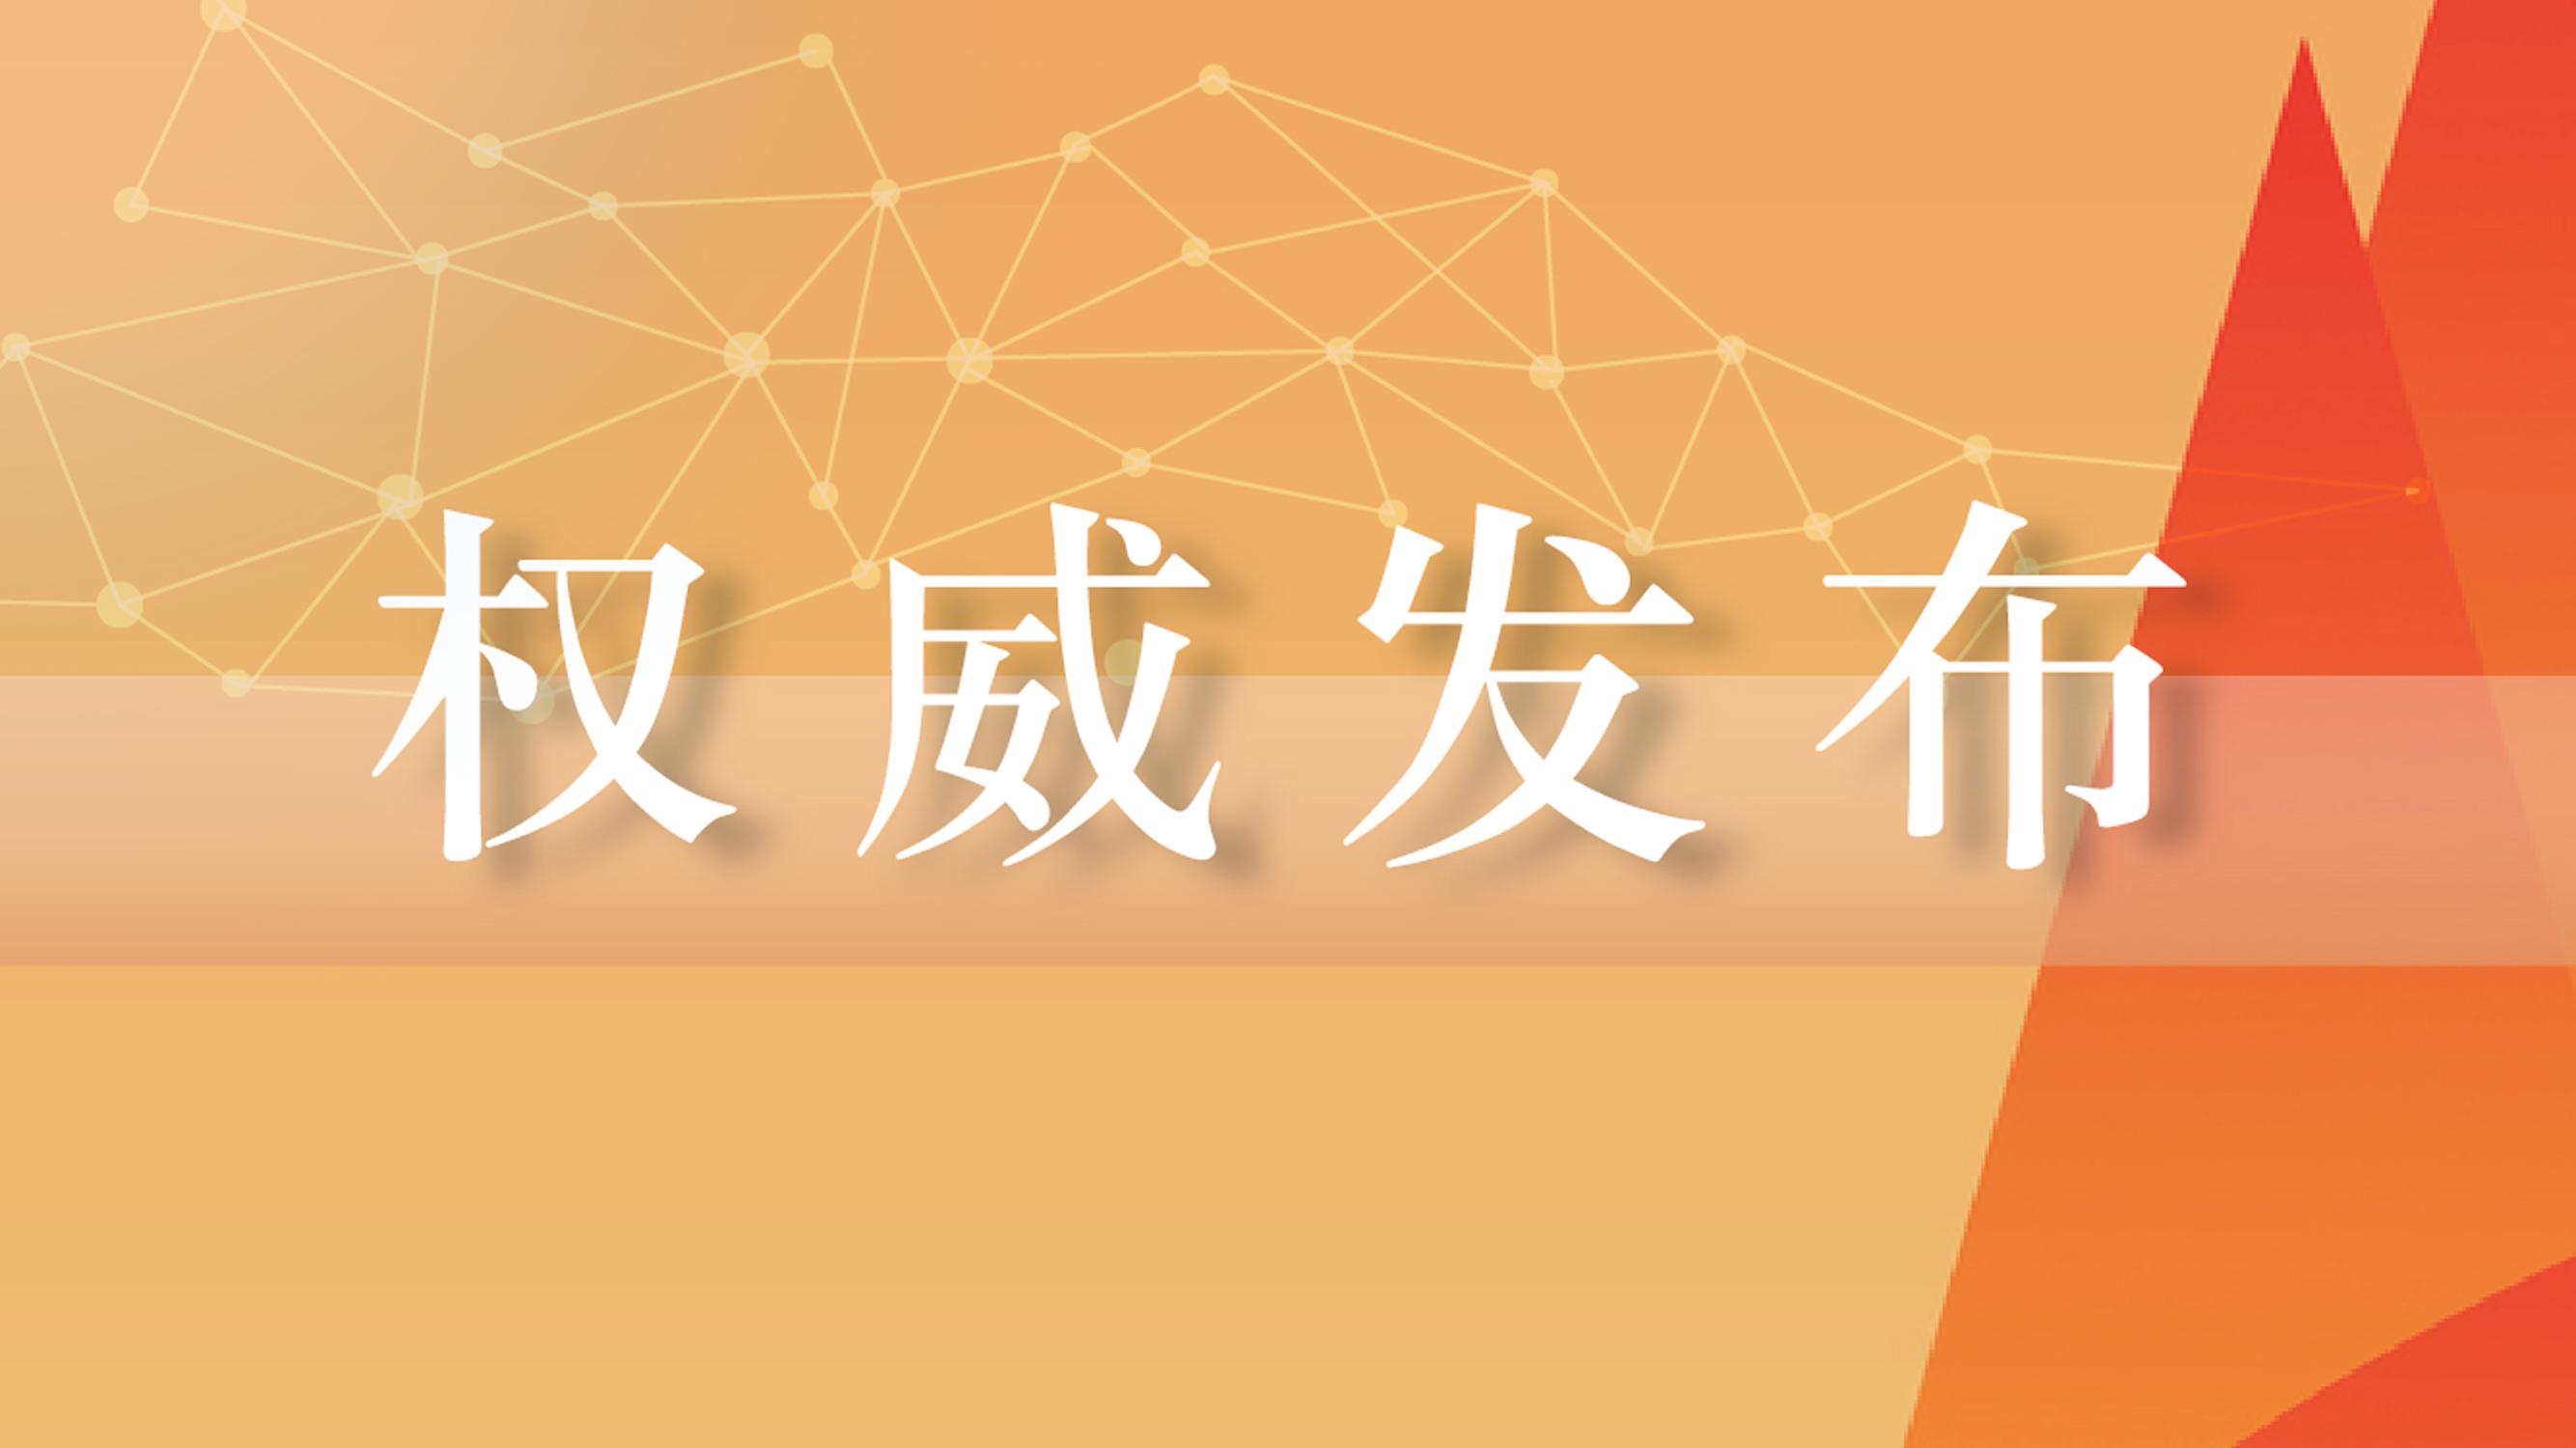 资阳市房屋征收局局长张榕主动投案 接受纪律审查和监察调查